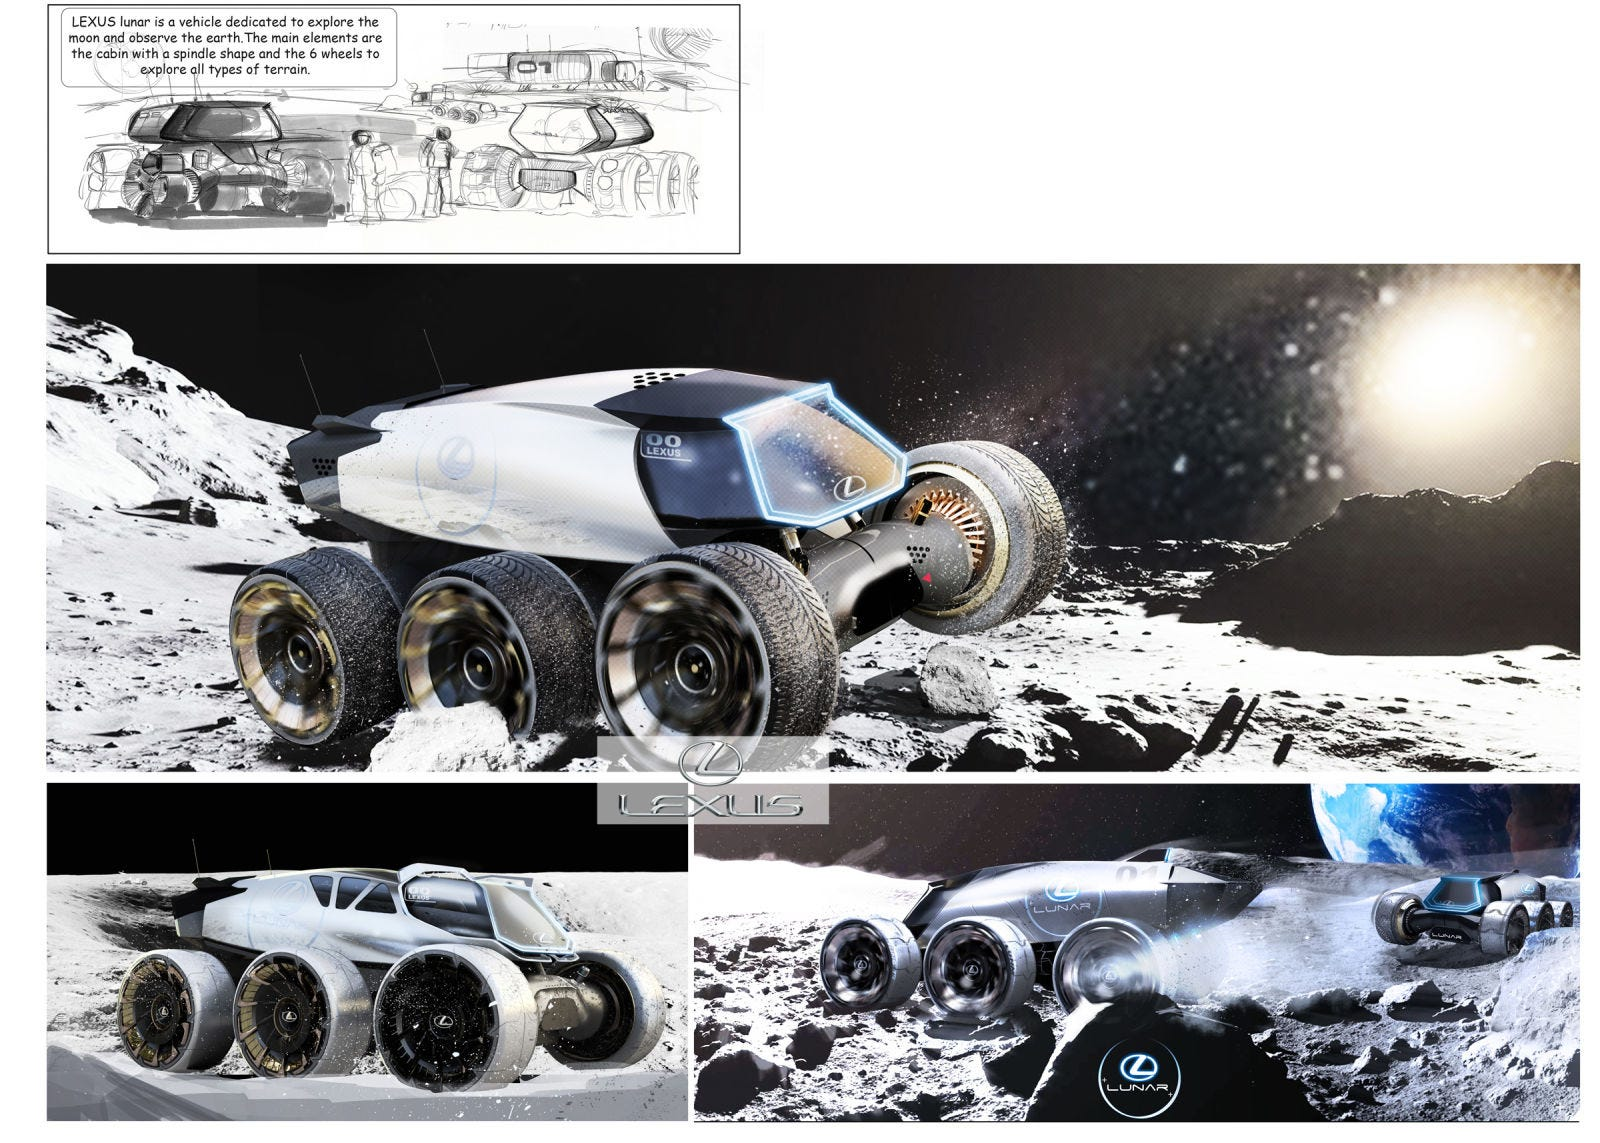 Lexus Lunar. Es un vehículo de transporte masivo diseñado para explorar y descubrir la luna de forma segura. El vehículo está dividido en dos partes: la parte inferior consiste en una plataforma con seis ruedas y la parte superior contiene la sala de estar. Los dos componentes del vehículo también se pueden dividir, separándose la parte superior para establecer la base de una colonia lunar.  Imagen: Yung Presciutti (Lexus)